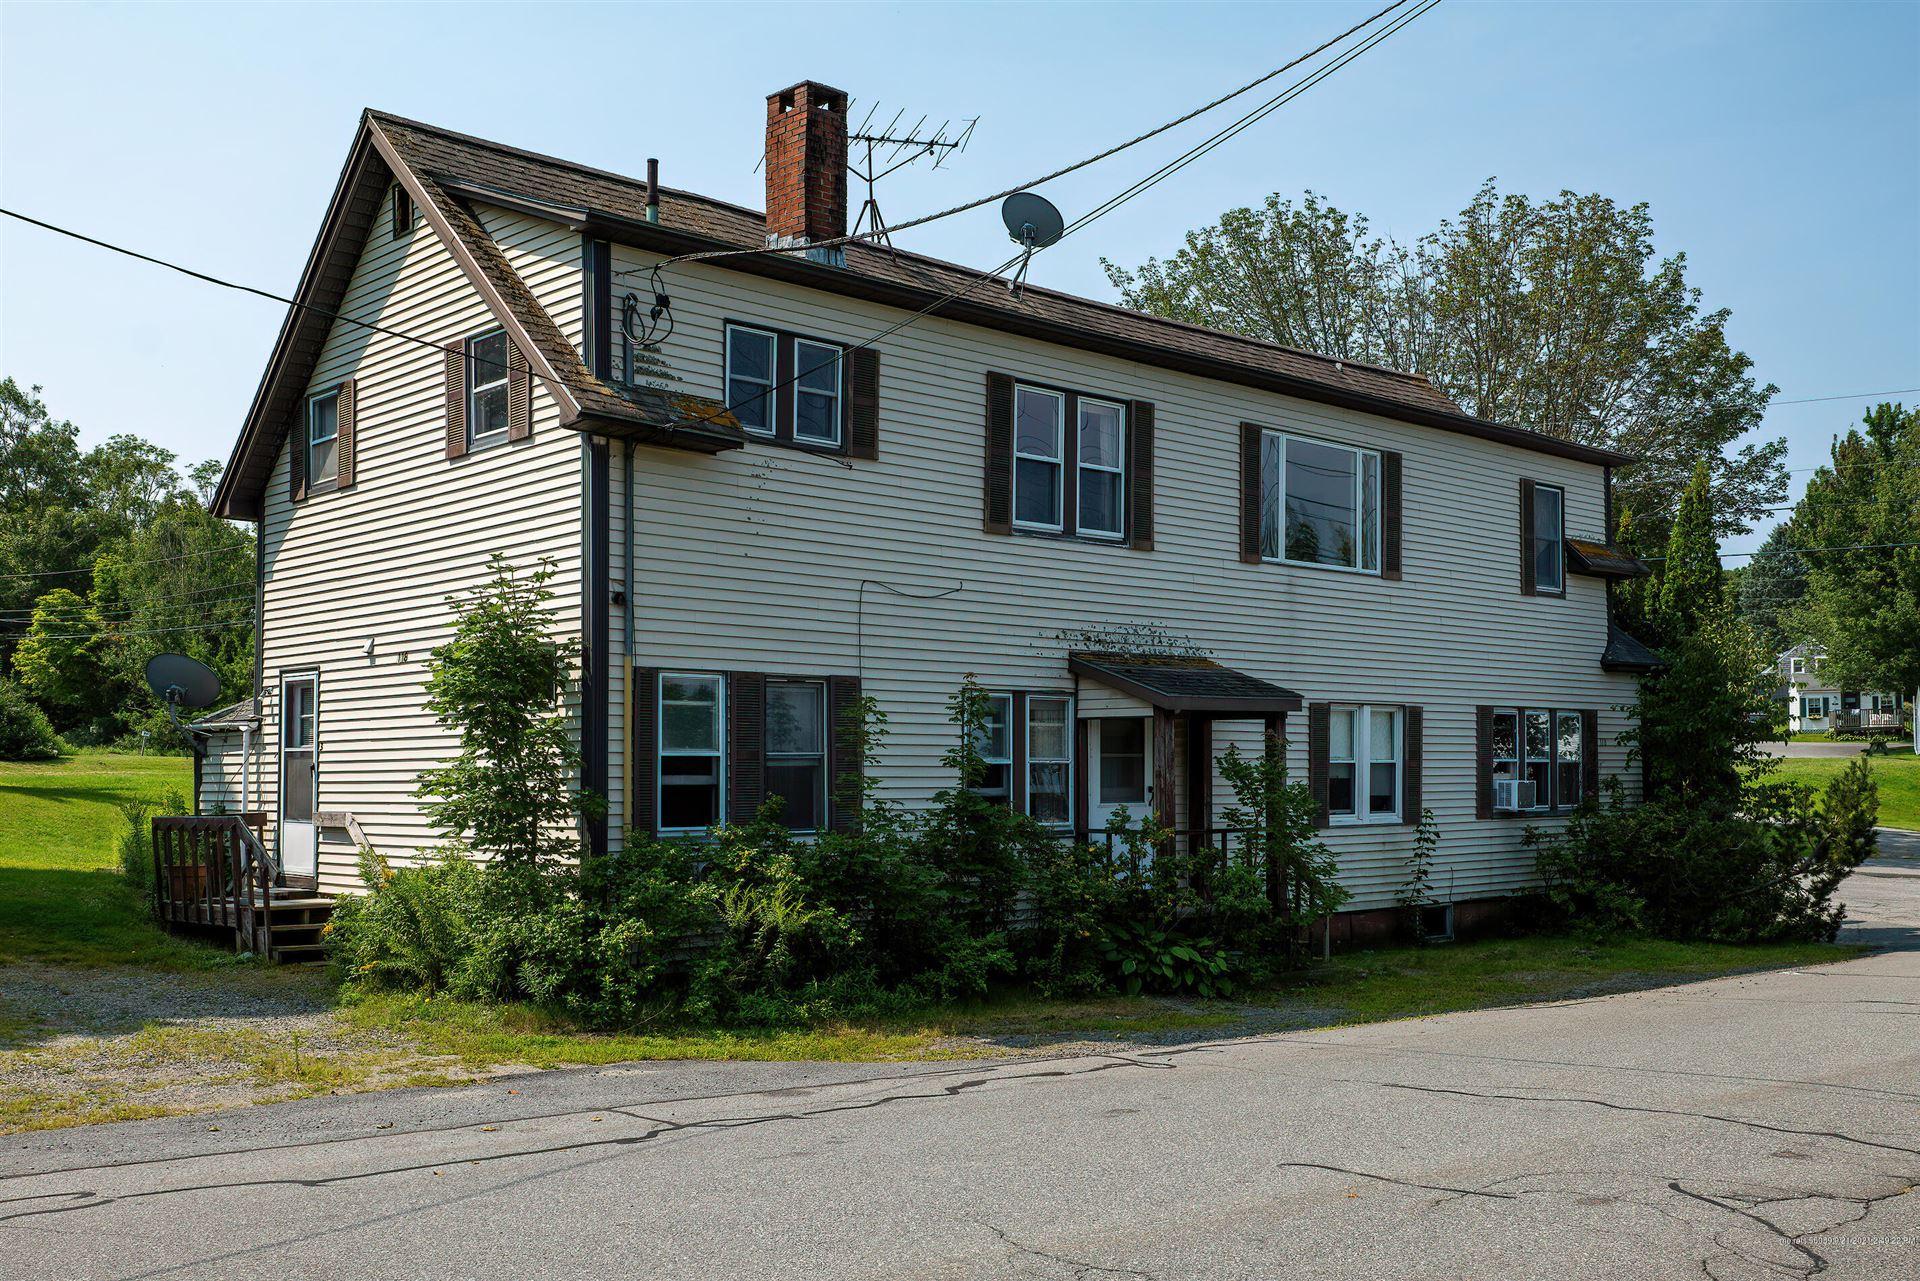 Photo of 118 Old Bar Harbor Road, Bar Harbor, ME 04609 (MLS # 1509616)